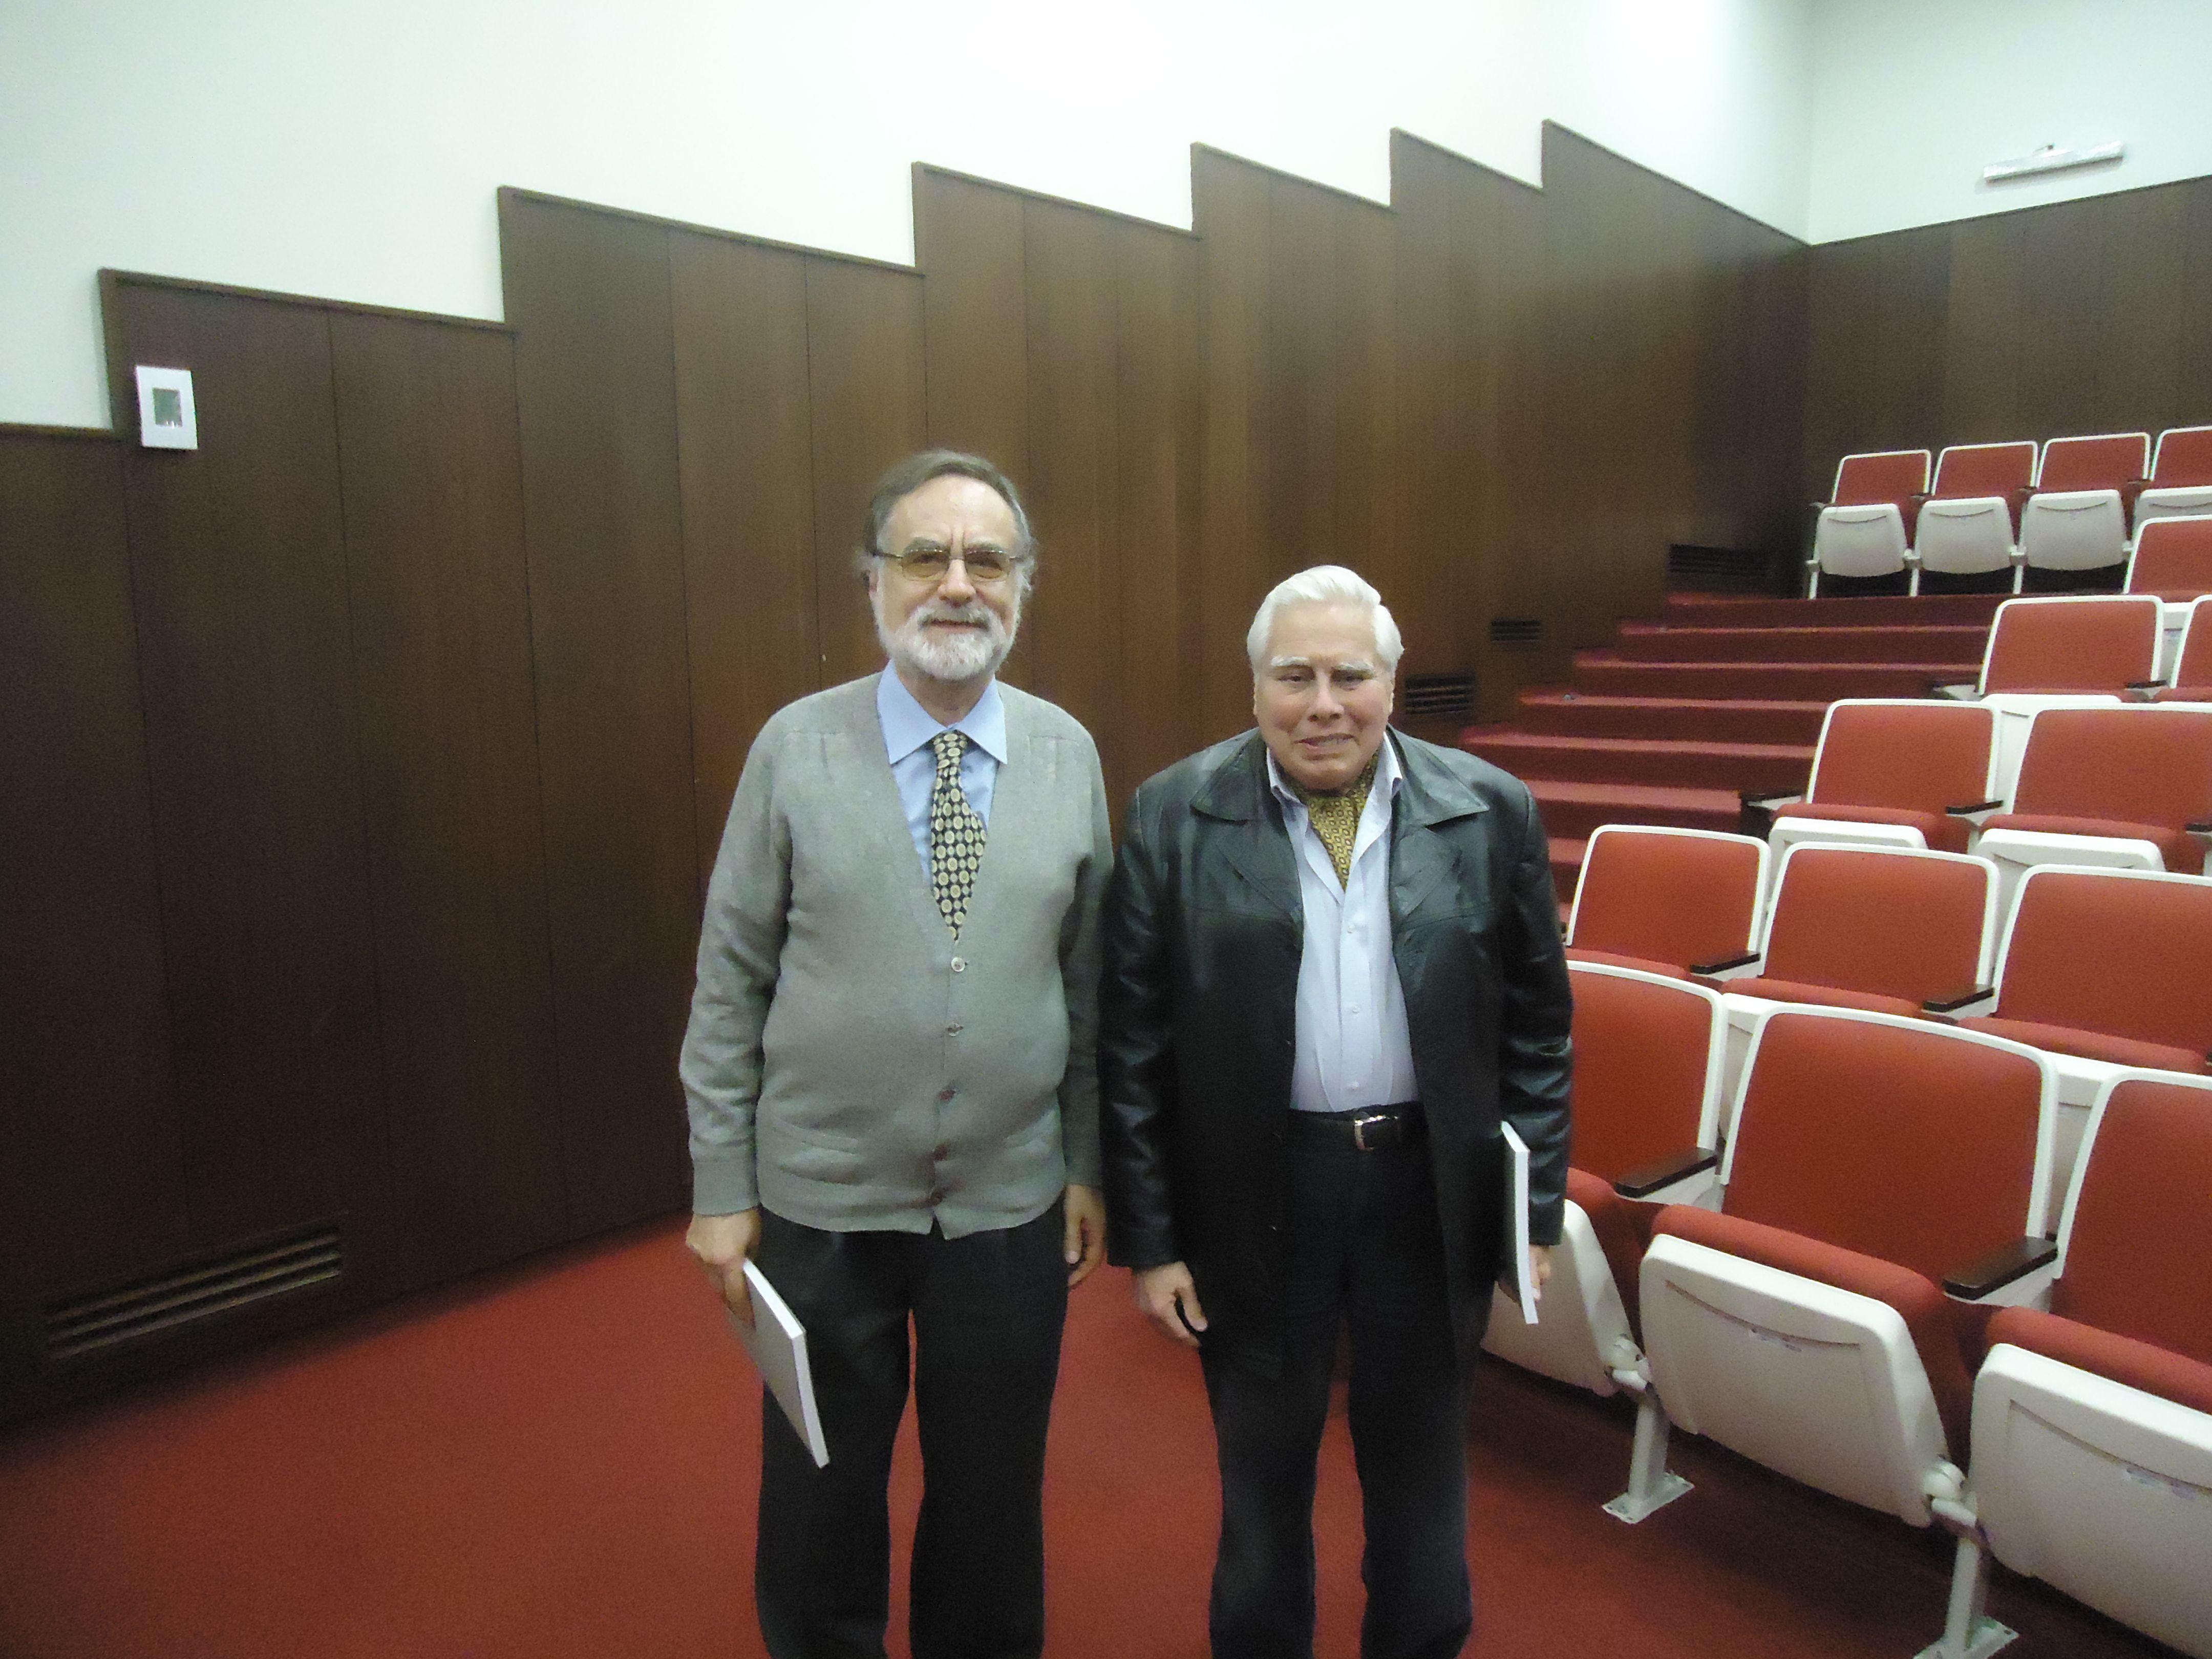 Jorge Acevedo Y Federico Camino En La P Universidad Católica Del Perú Lima Octubre De 2017 Conmemoración De Los 90 Años De La Publicación De Ser Y Filosofos